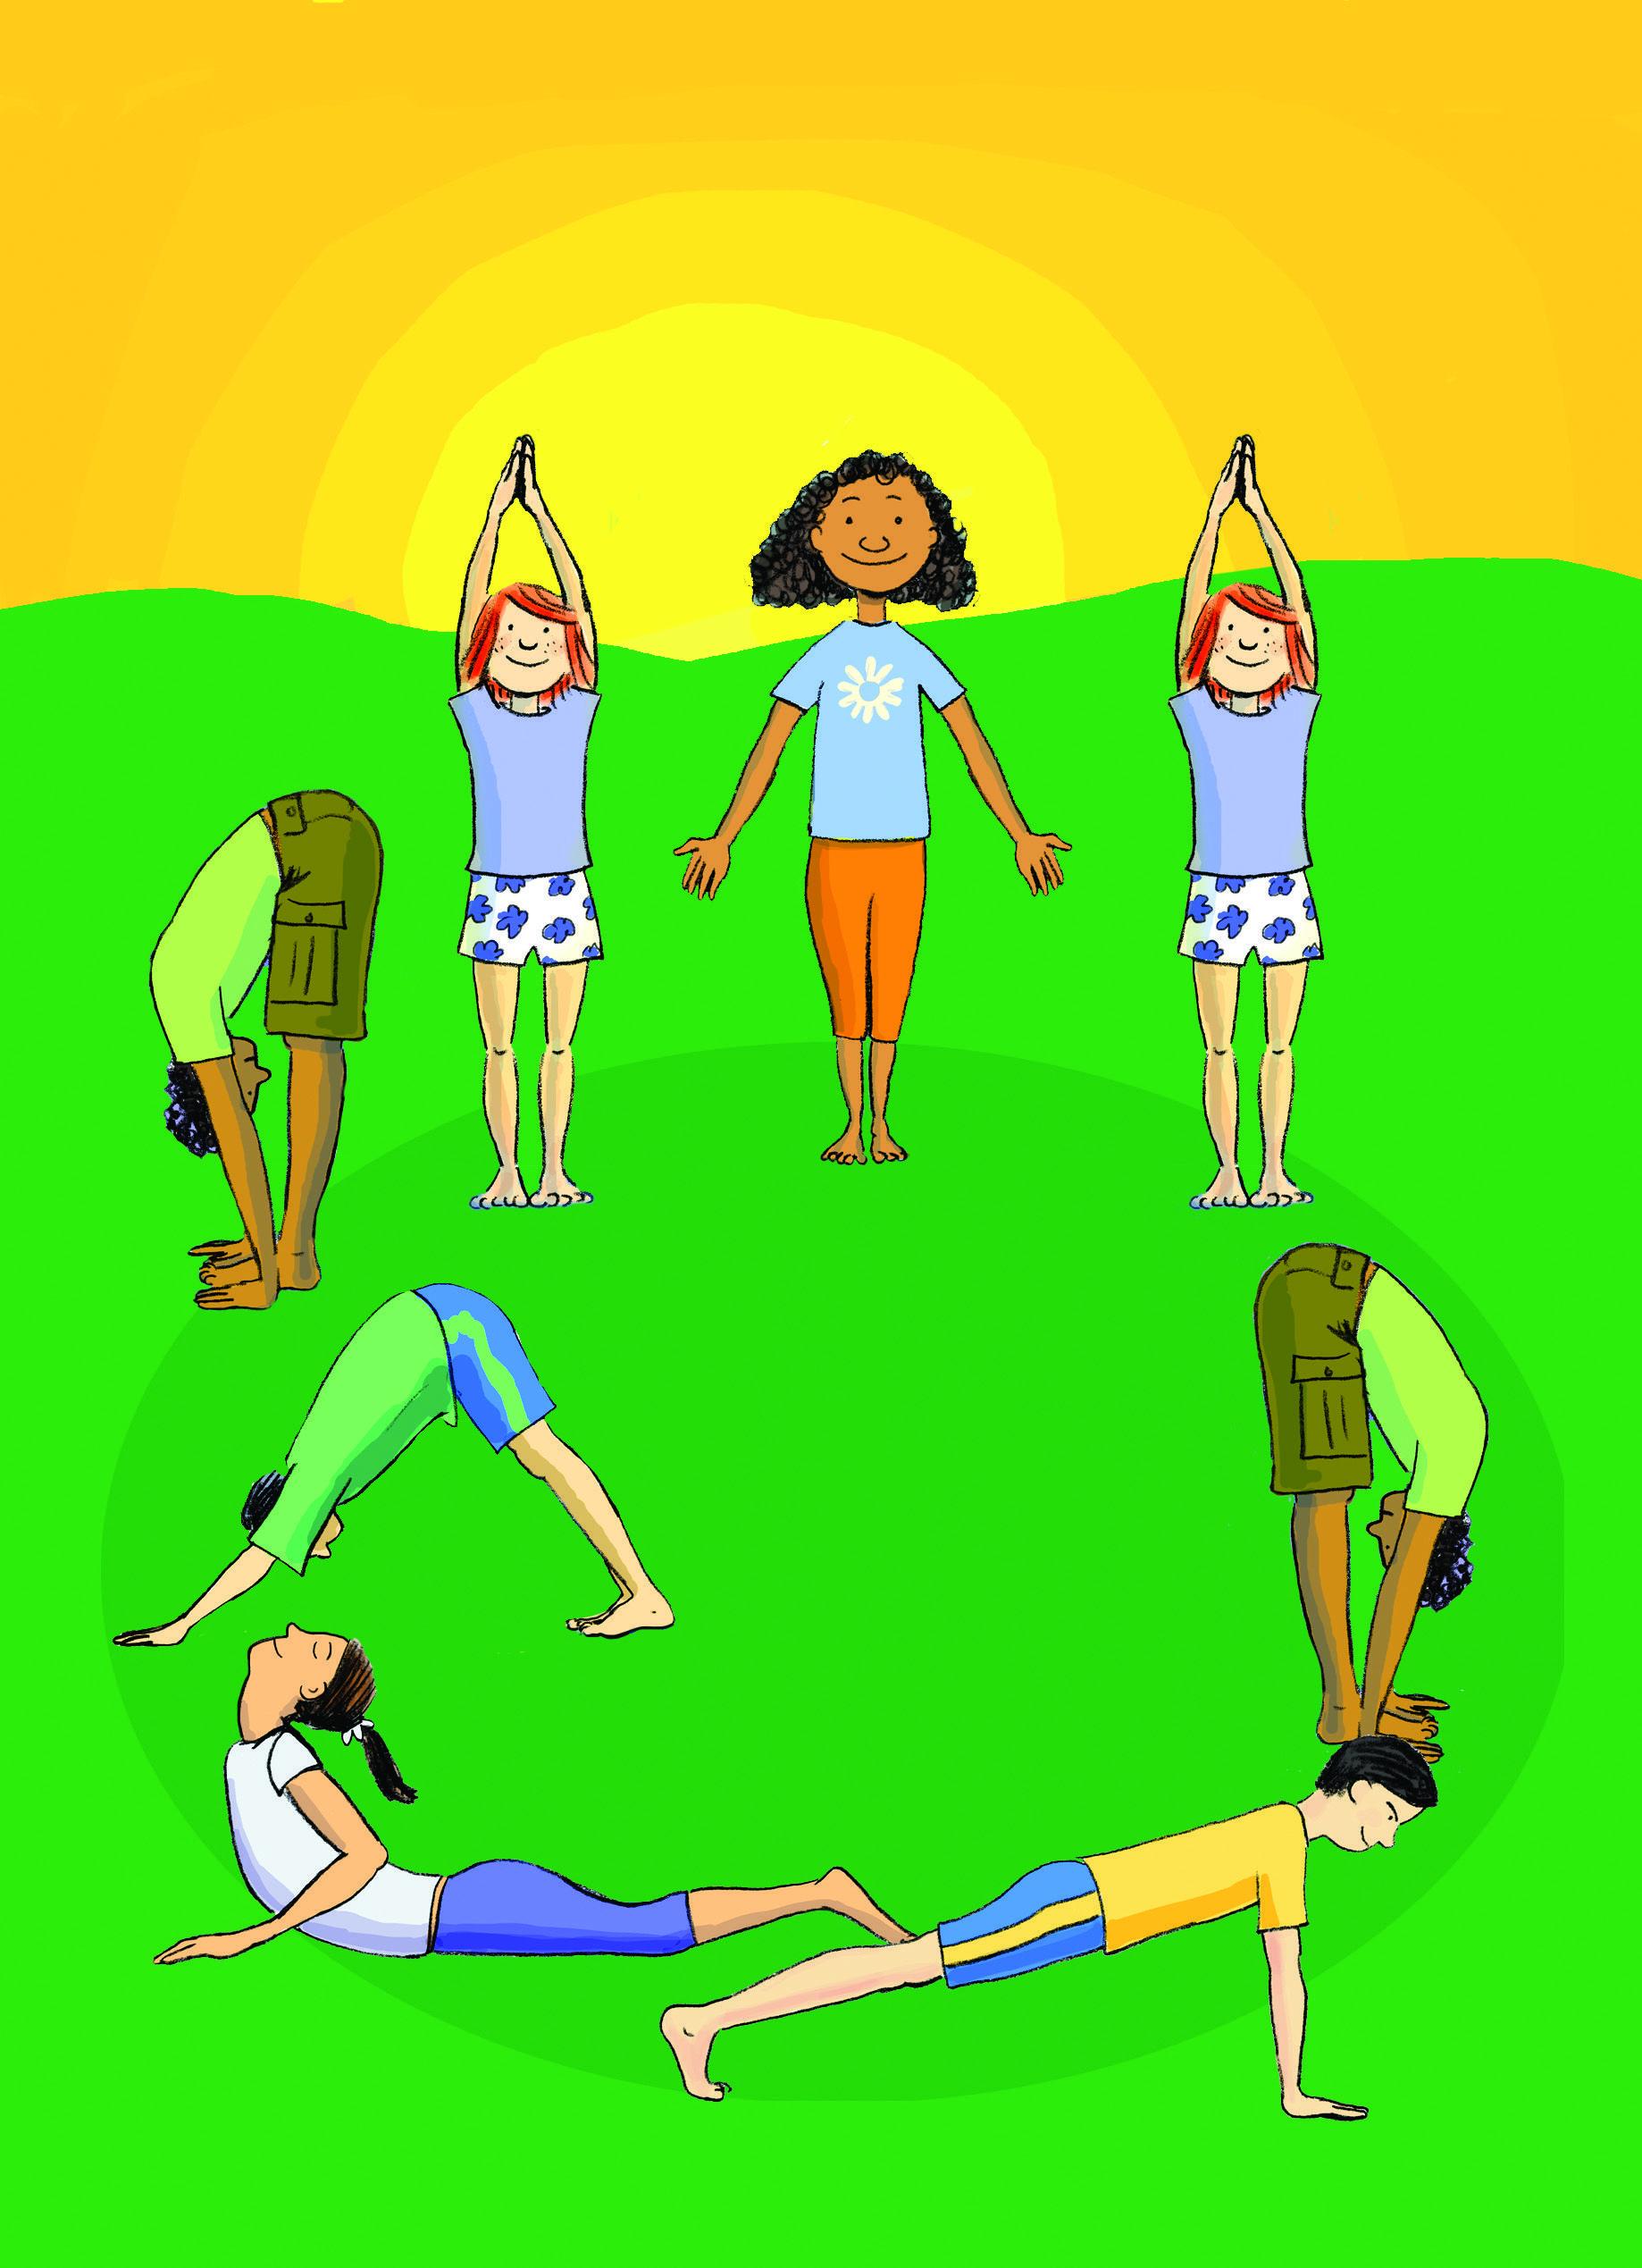 yoga poses for kids sun salutation - Google Search | kidyoga ...